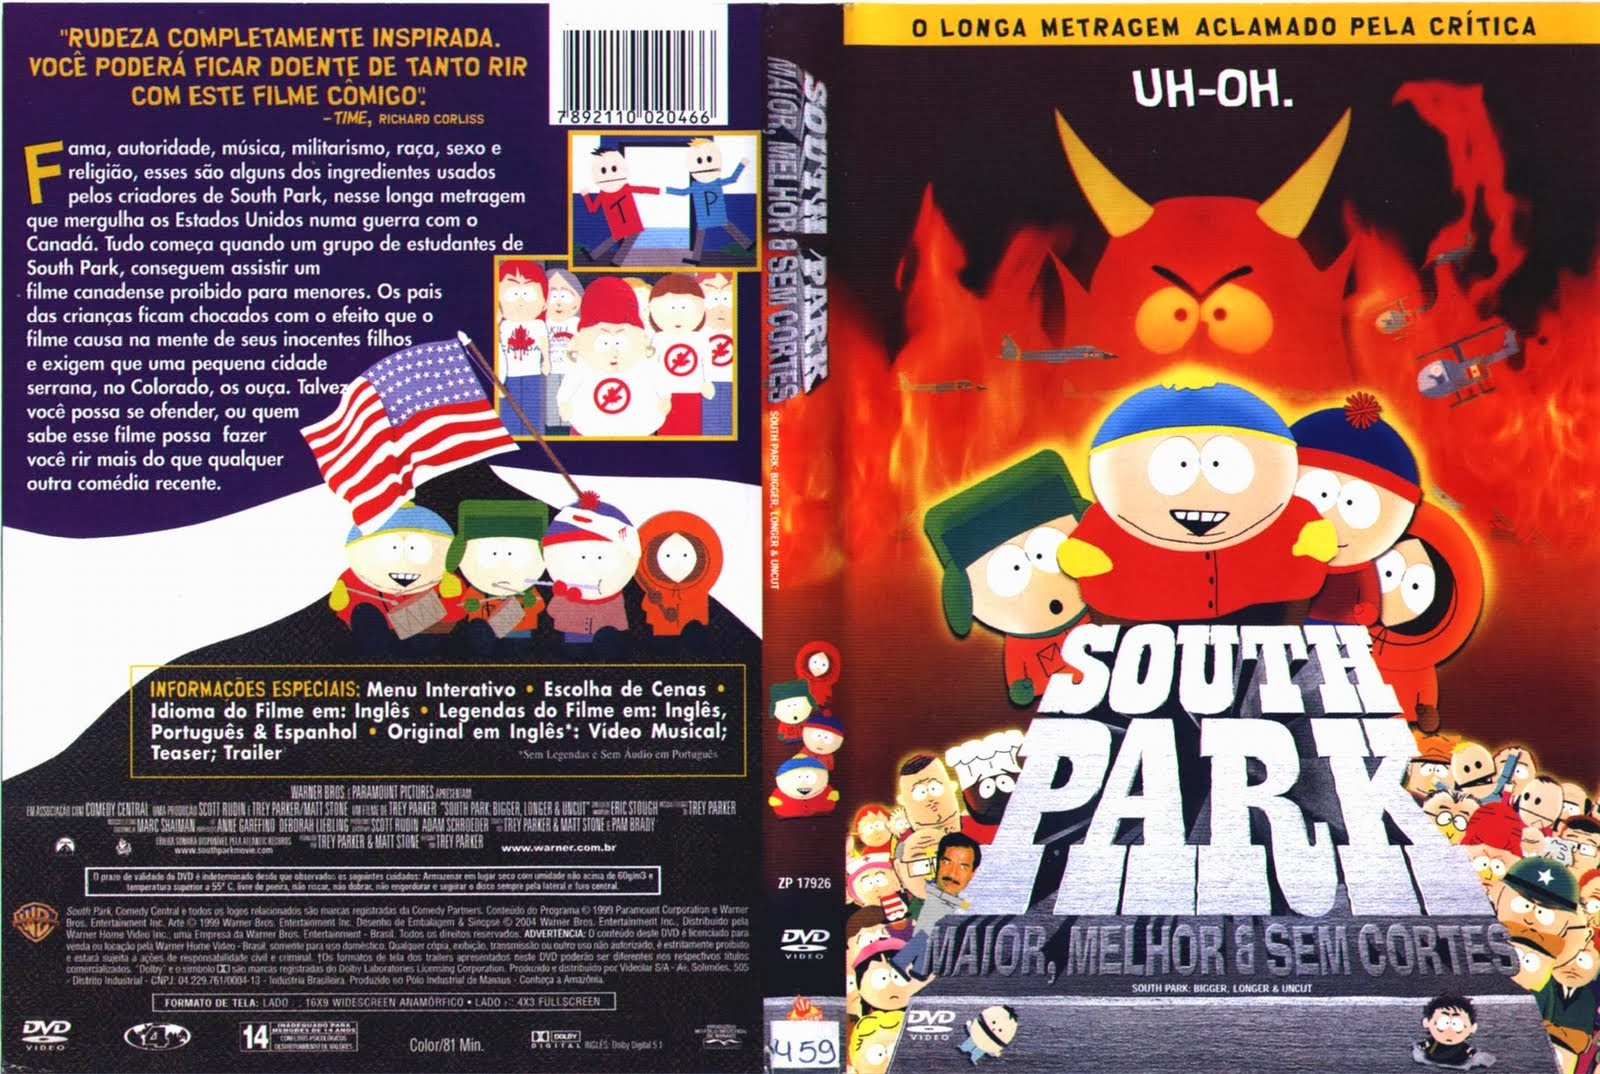 south park maior melhor e sem cortes south park online